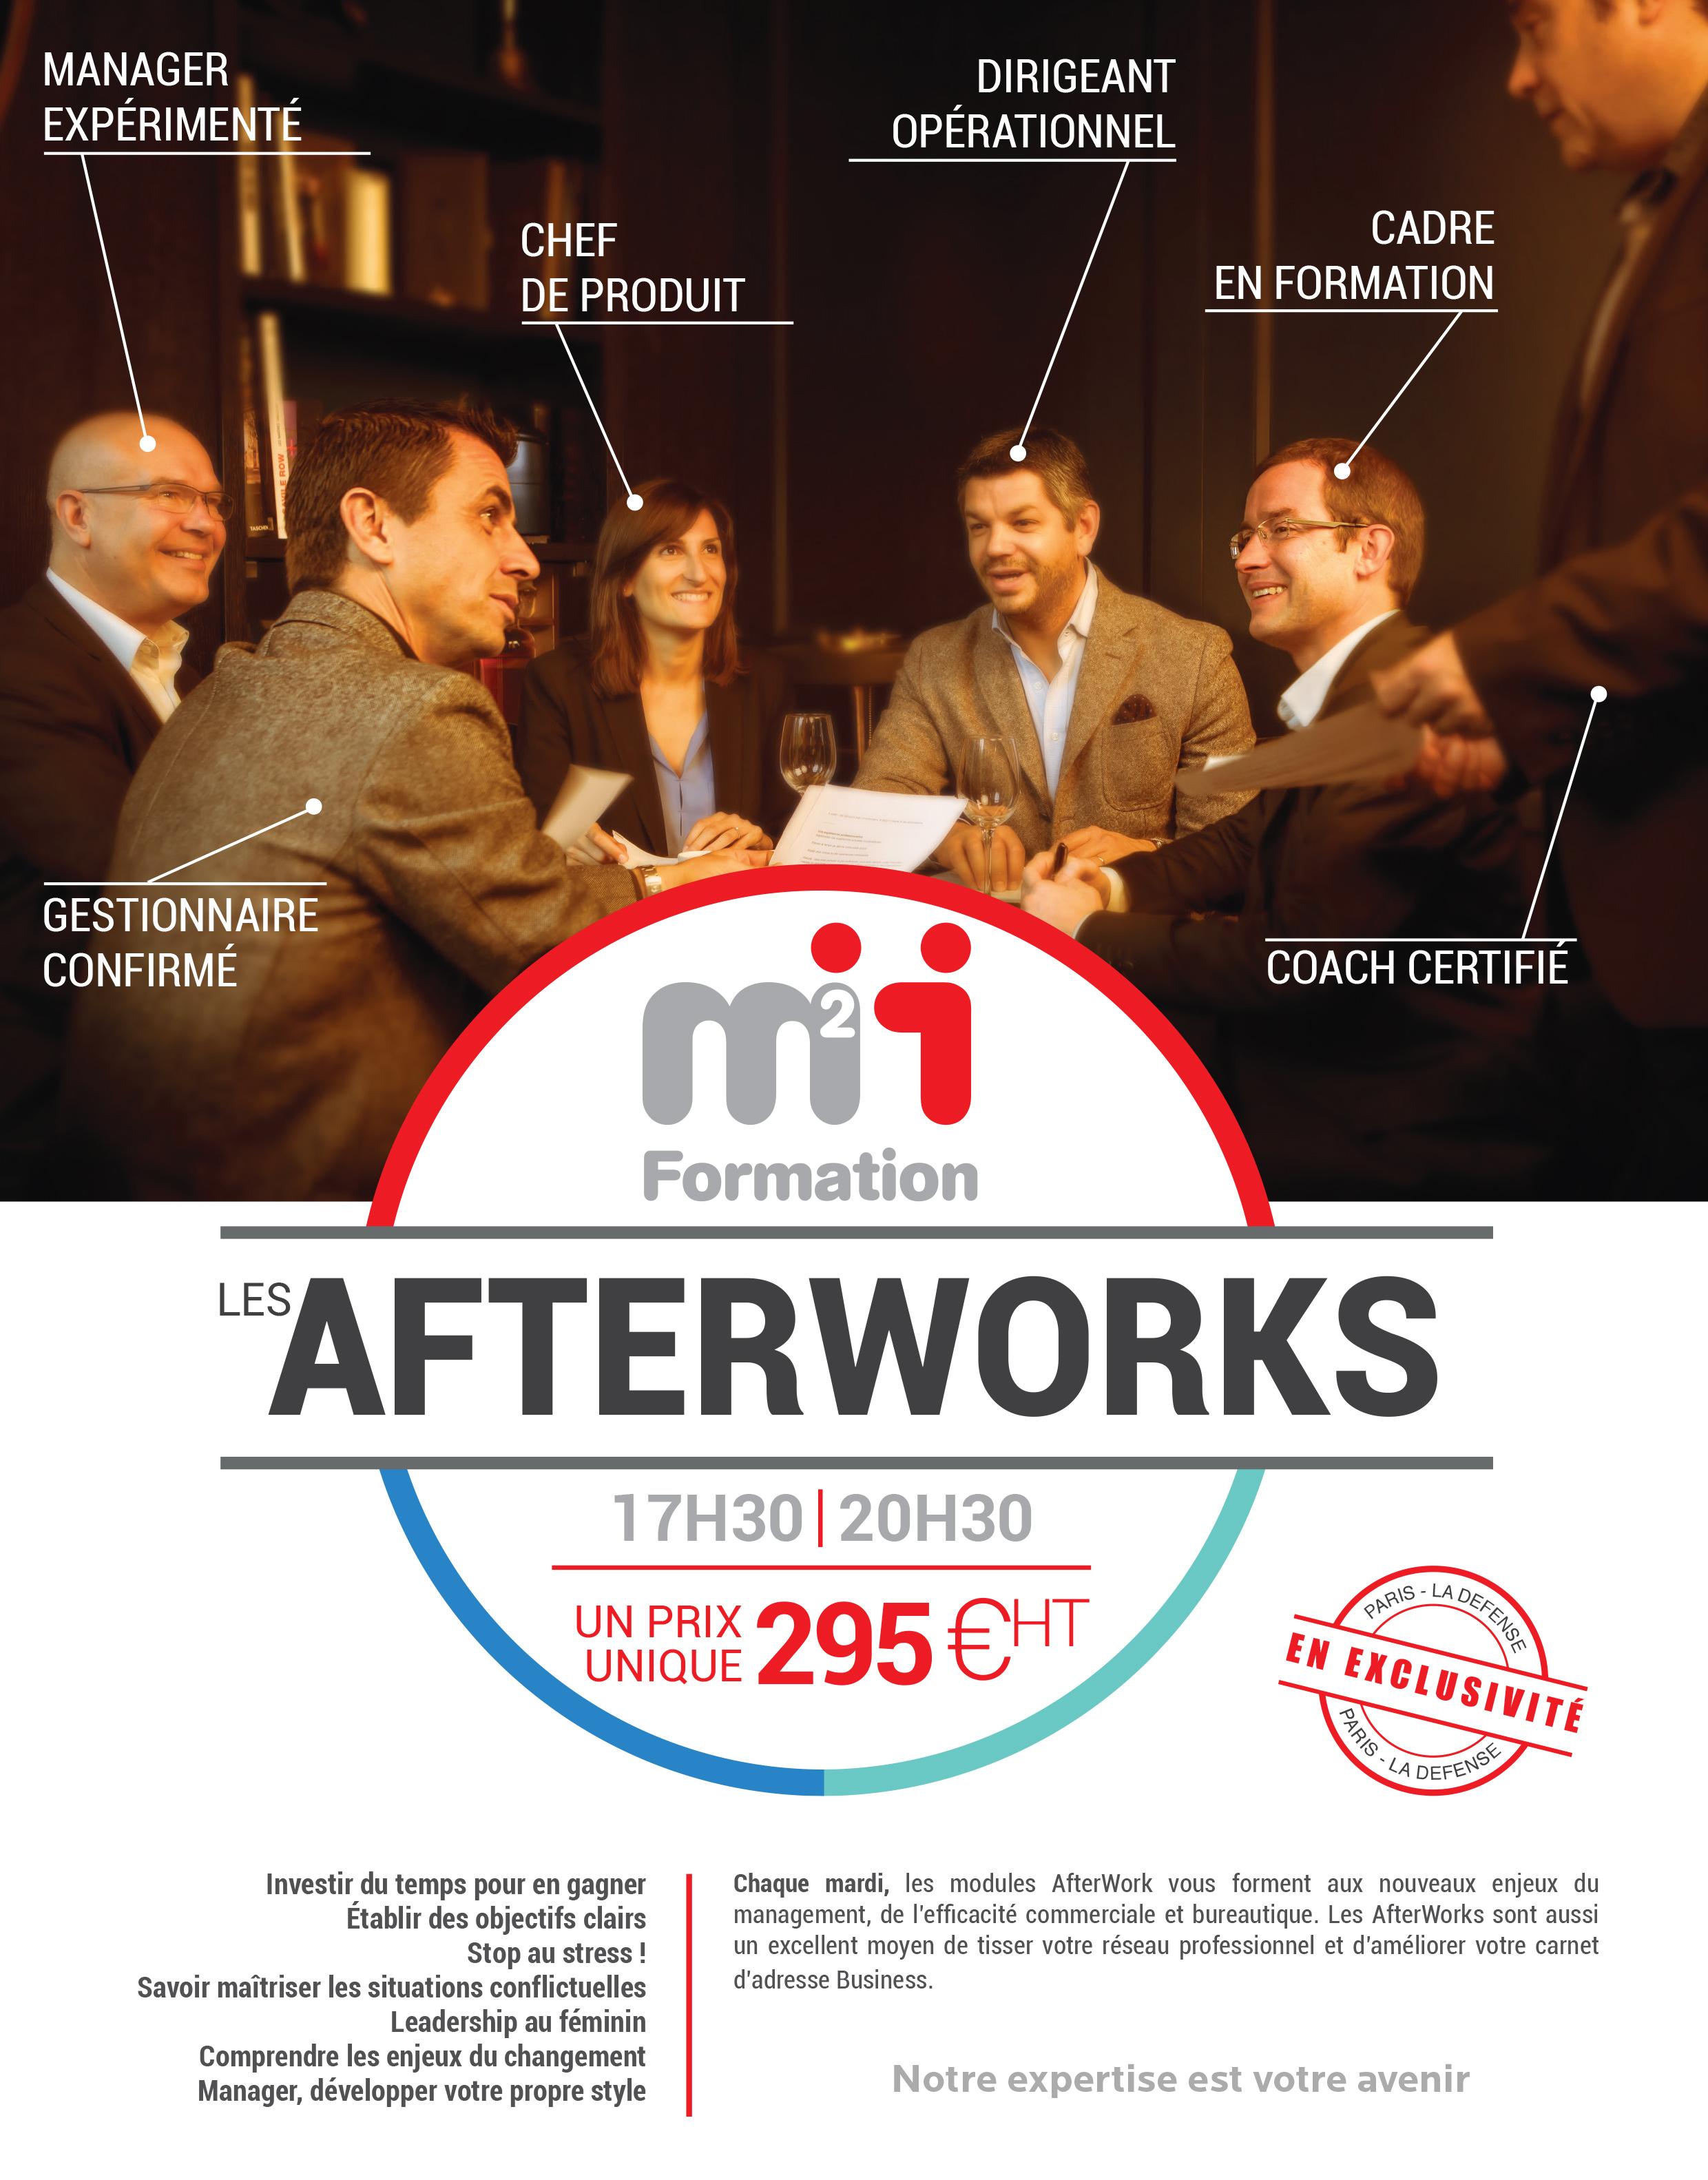 Devenez un expert en 3 heures avec les Afterworks M2i Formation !